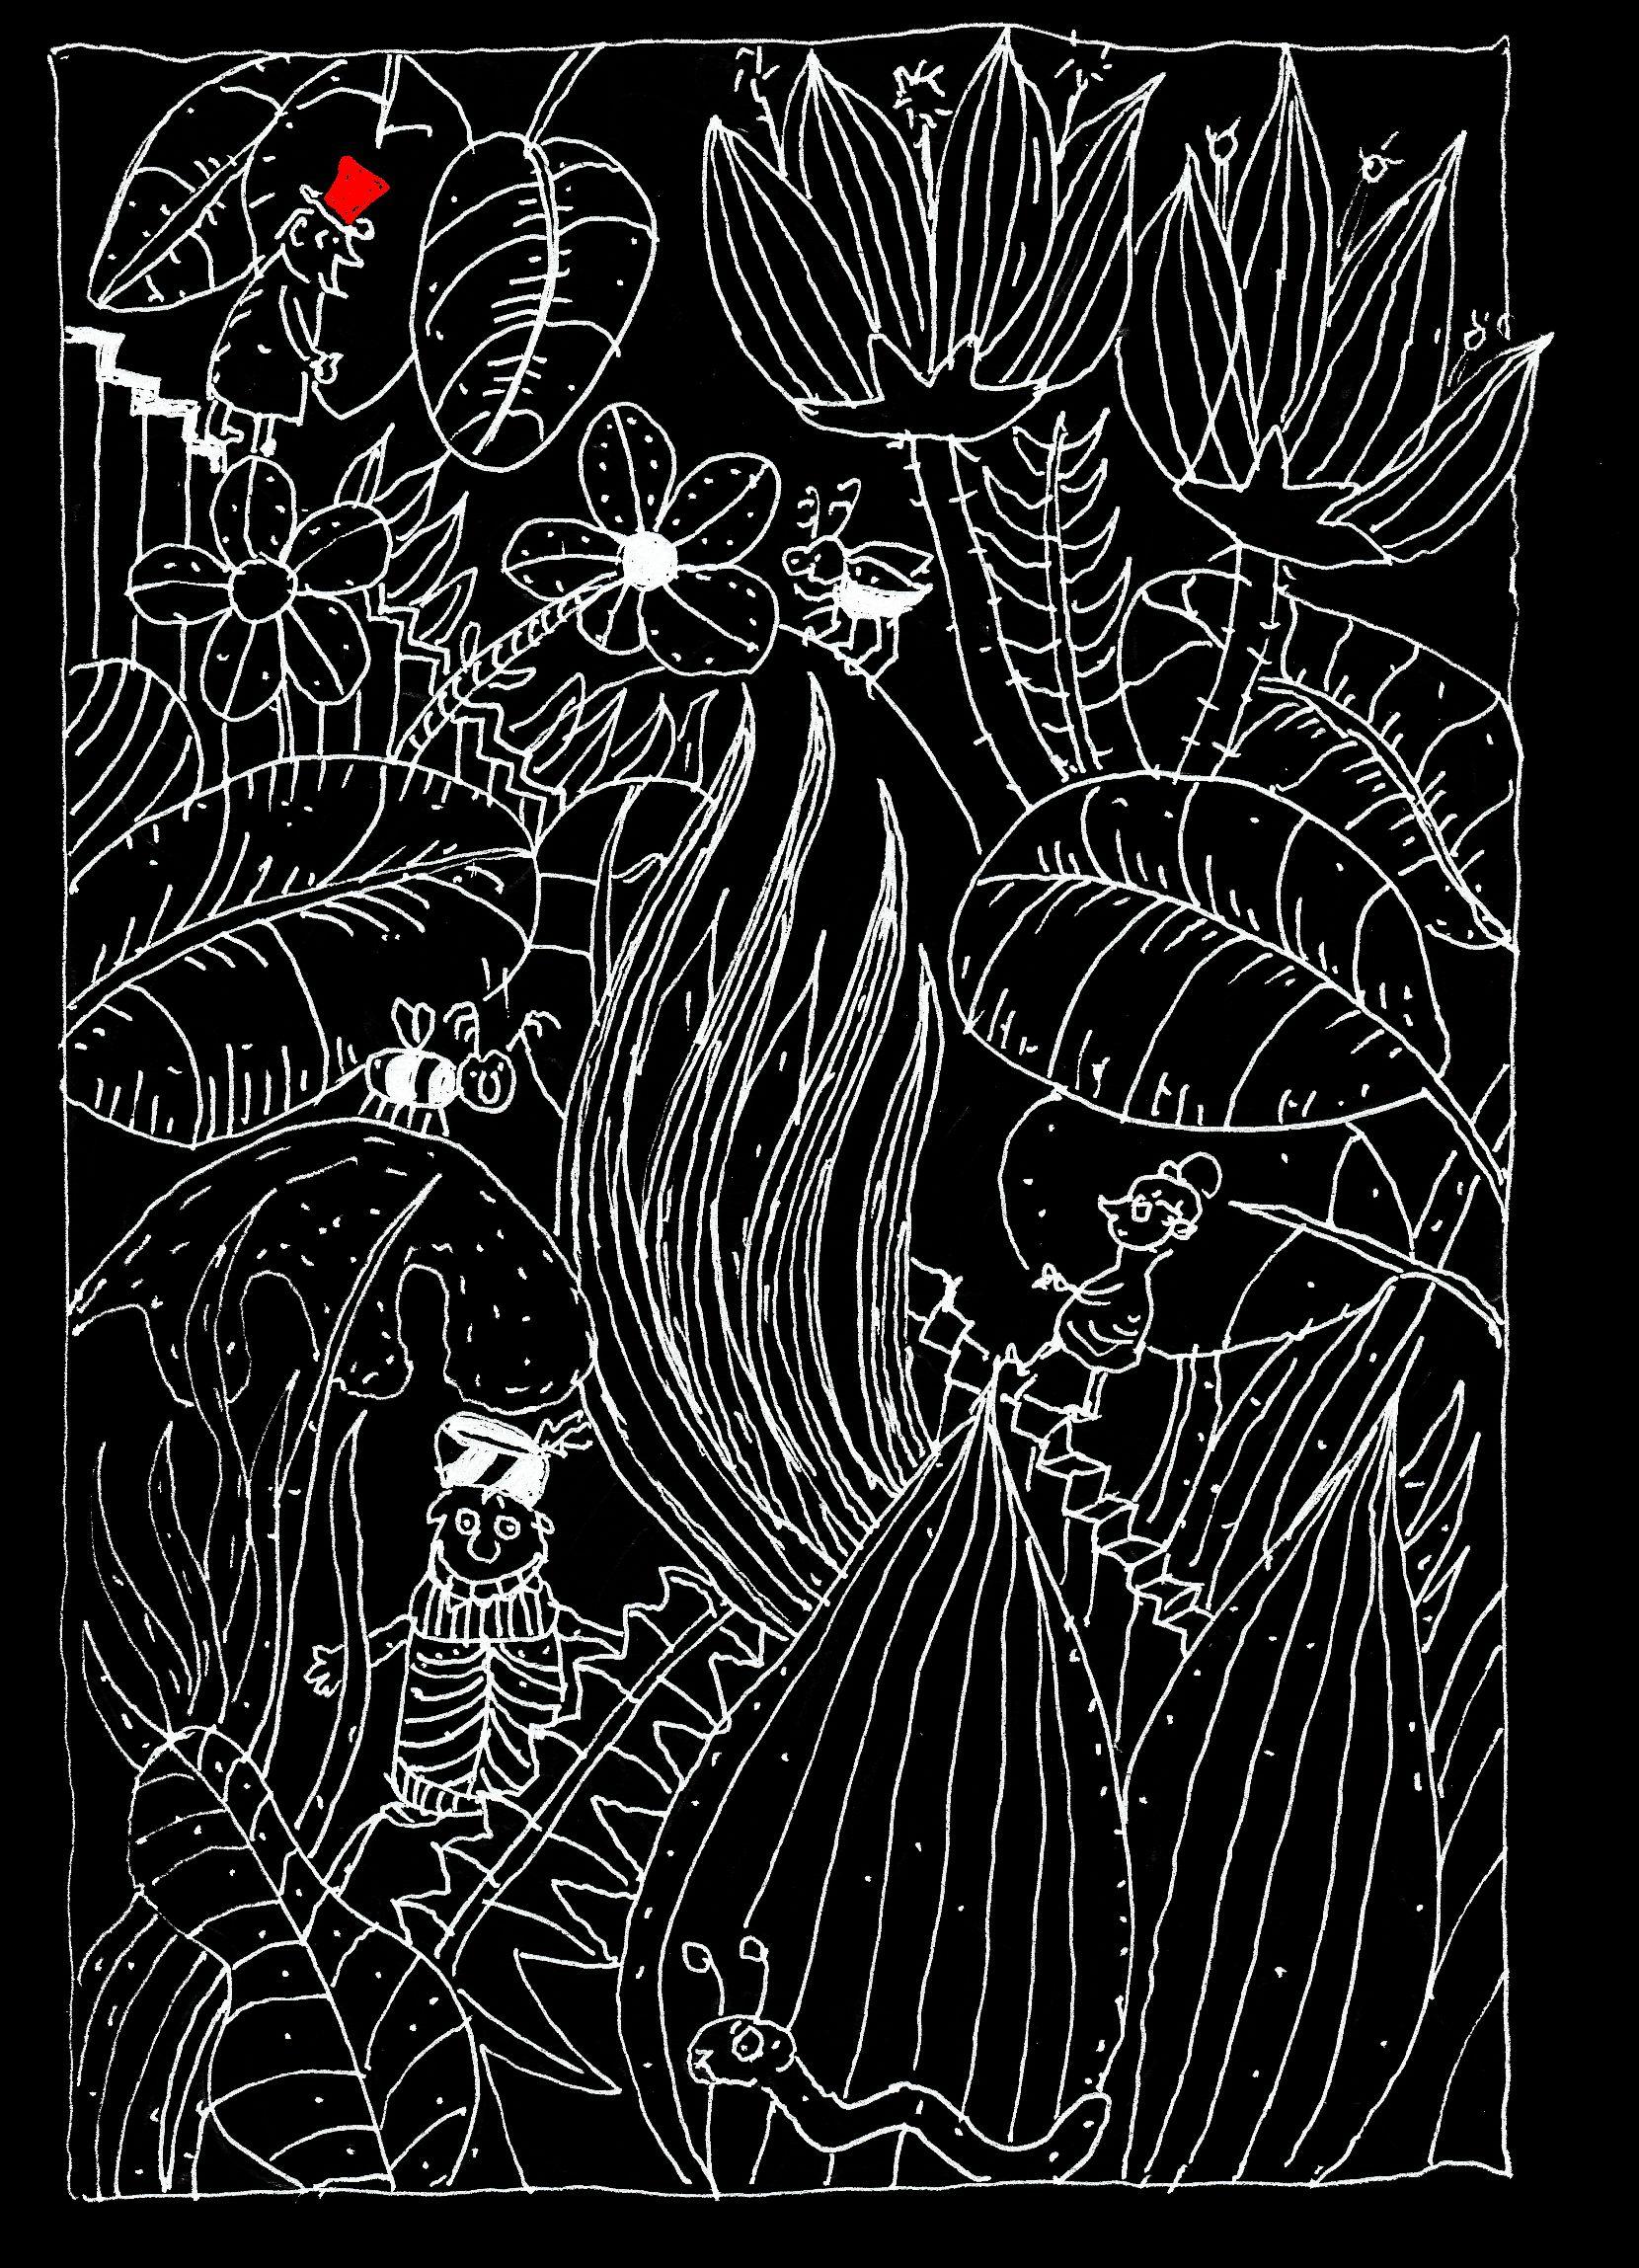 X Sch 24 Flora Mohr 6